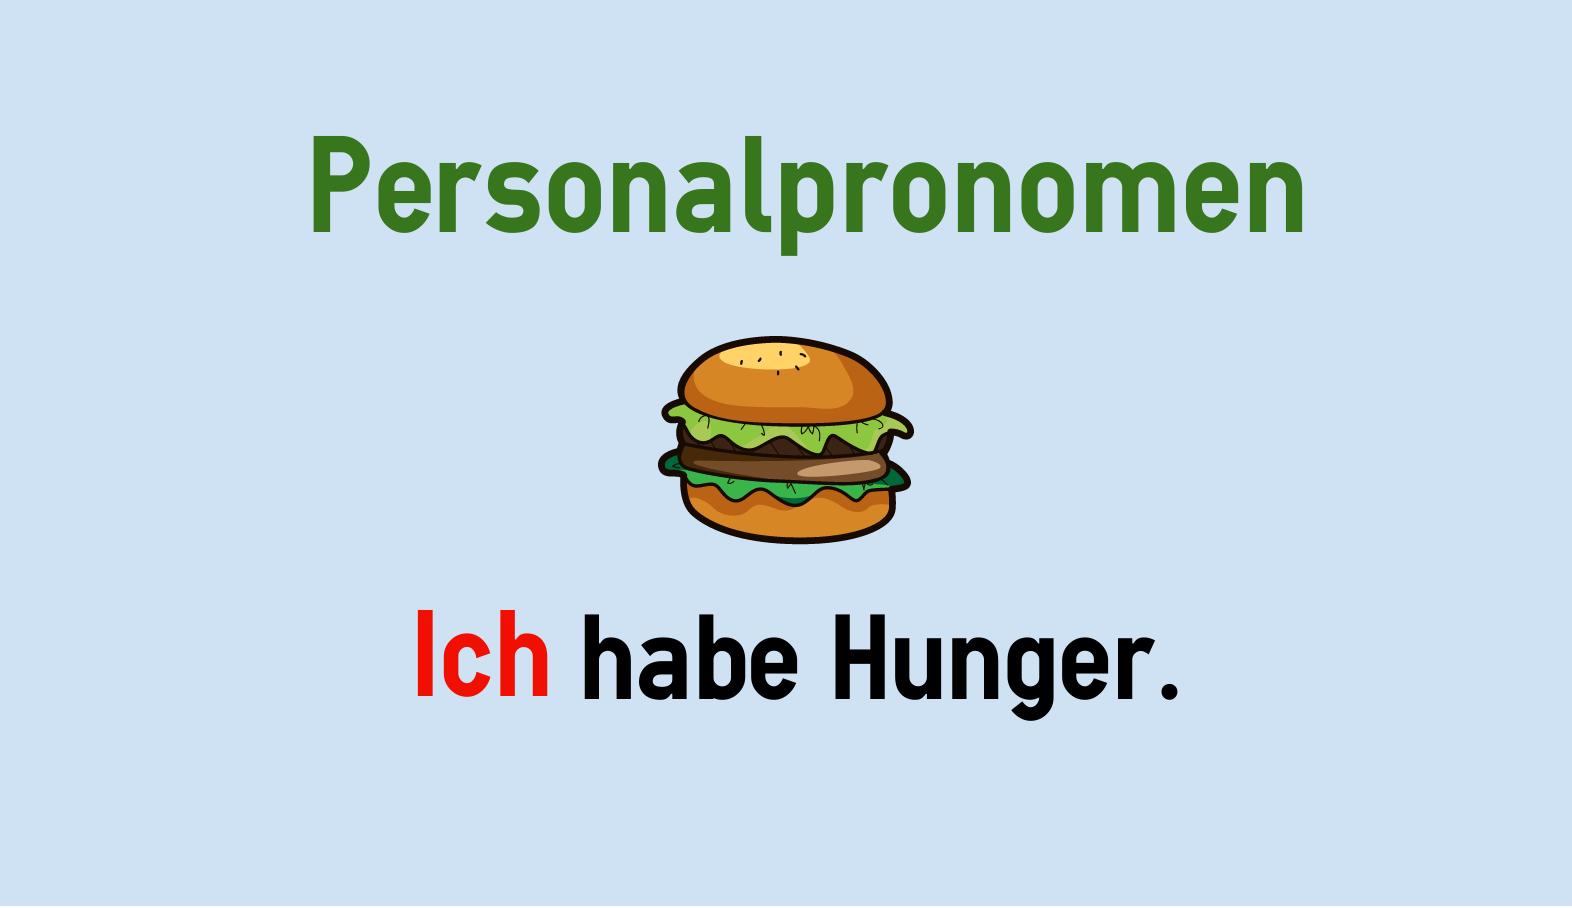 Deutsche Personalpronomen